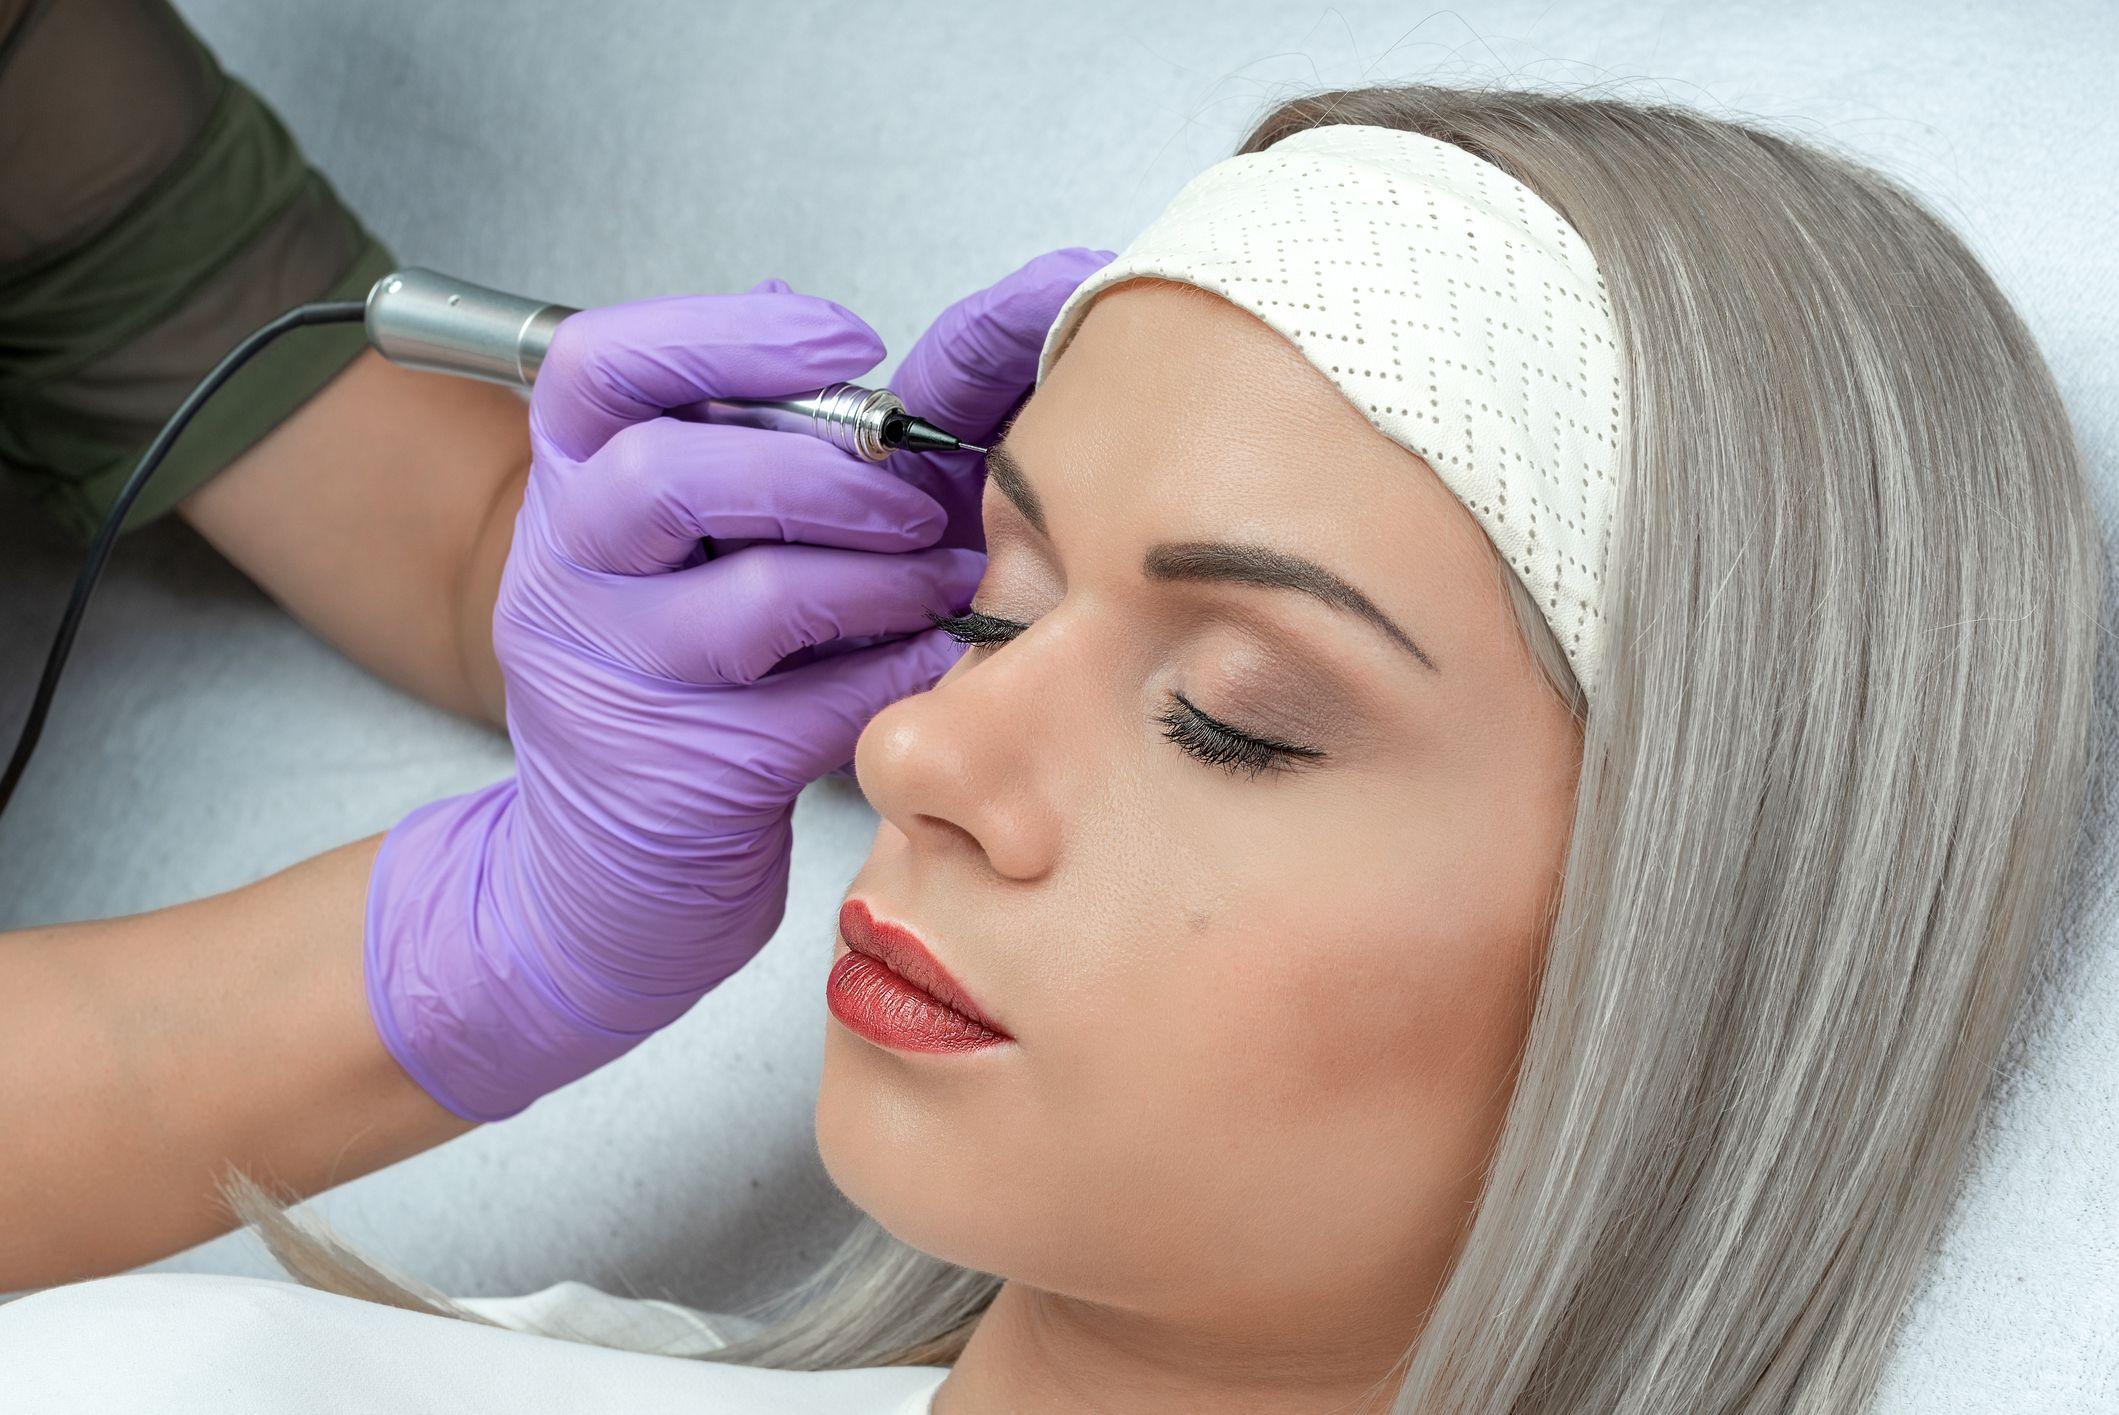 Tratamientos de micropigmentacionen Getxo